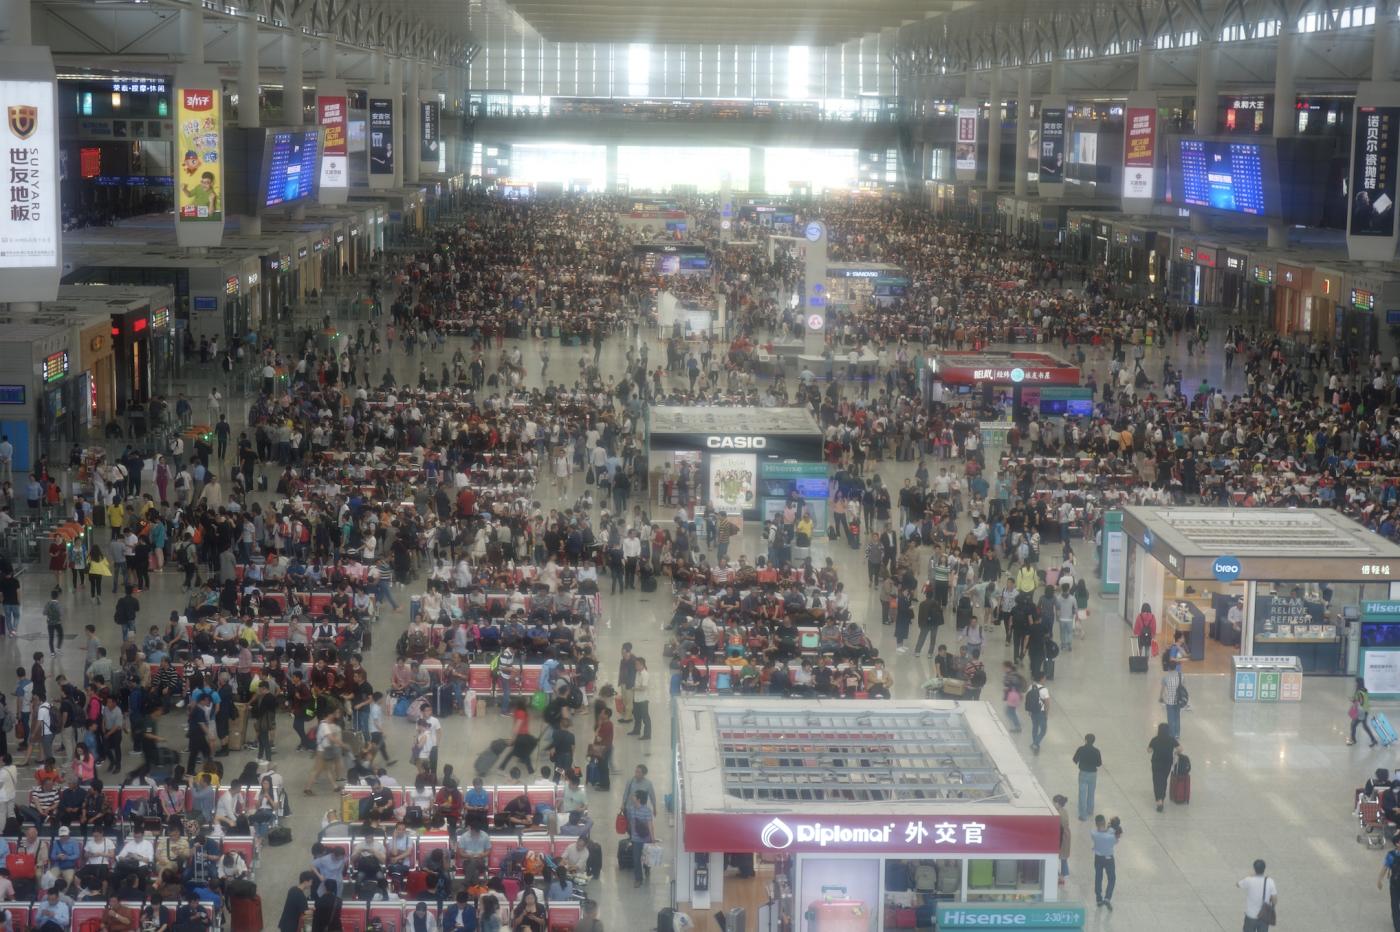 每次搭乘中国高铁我就会想起这个人_图1-1